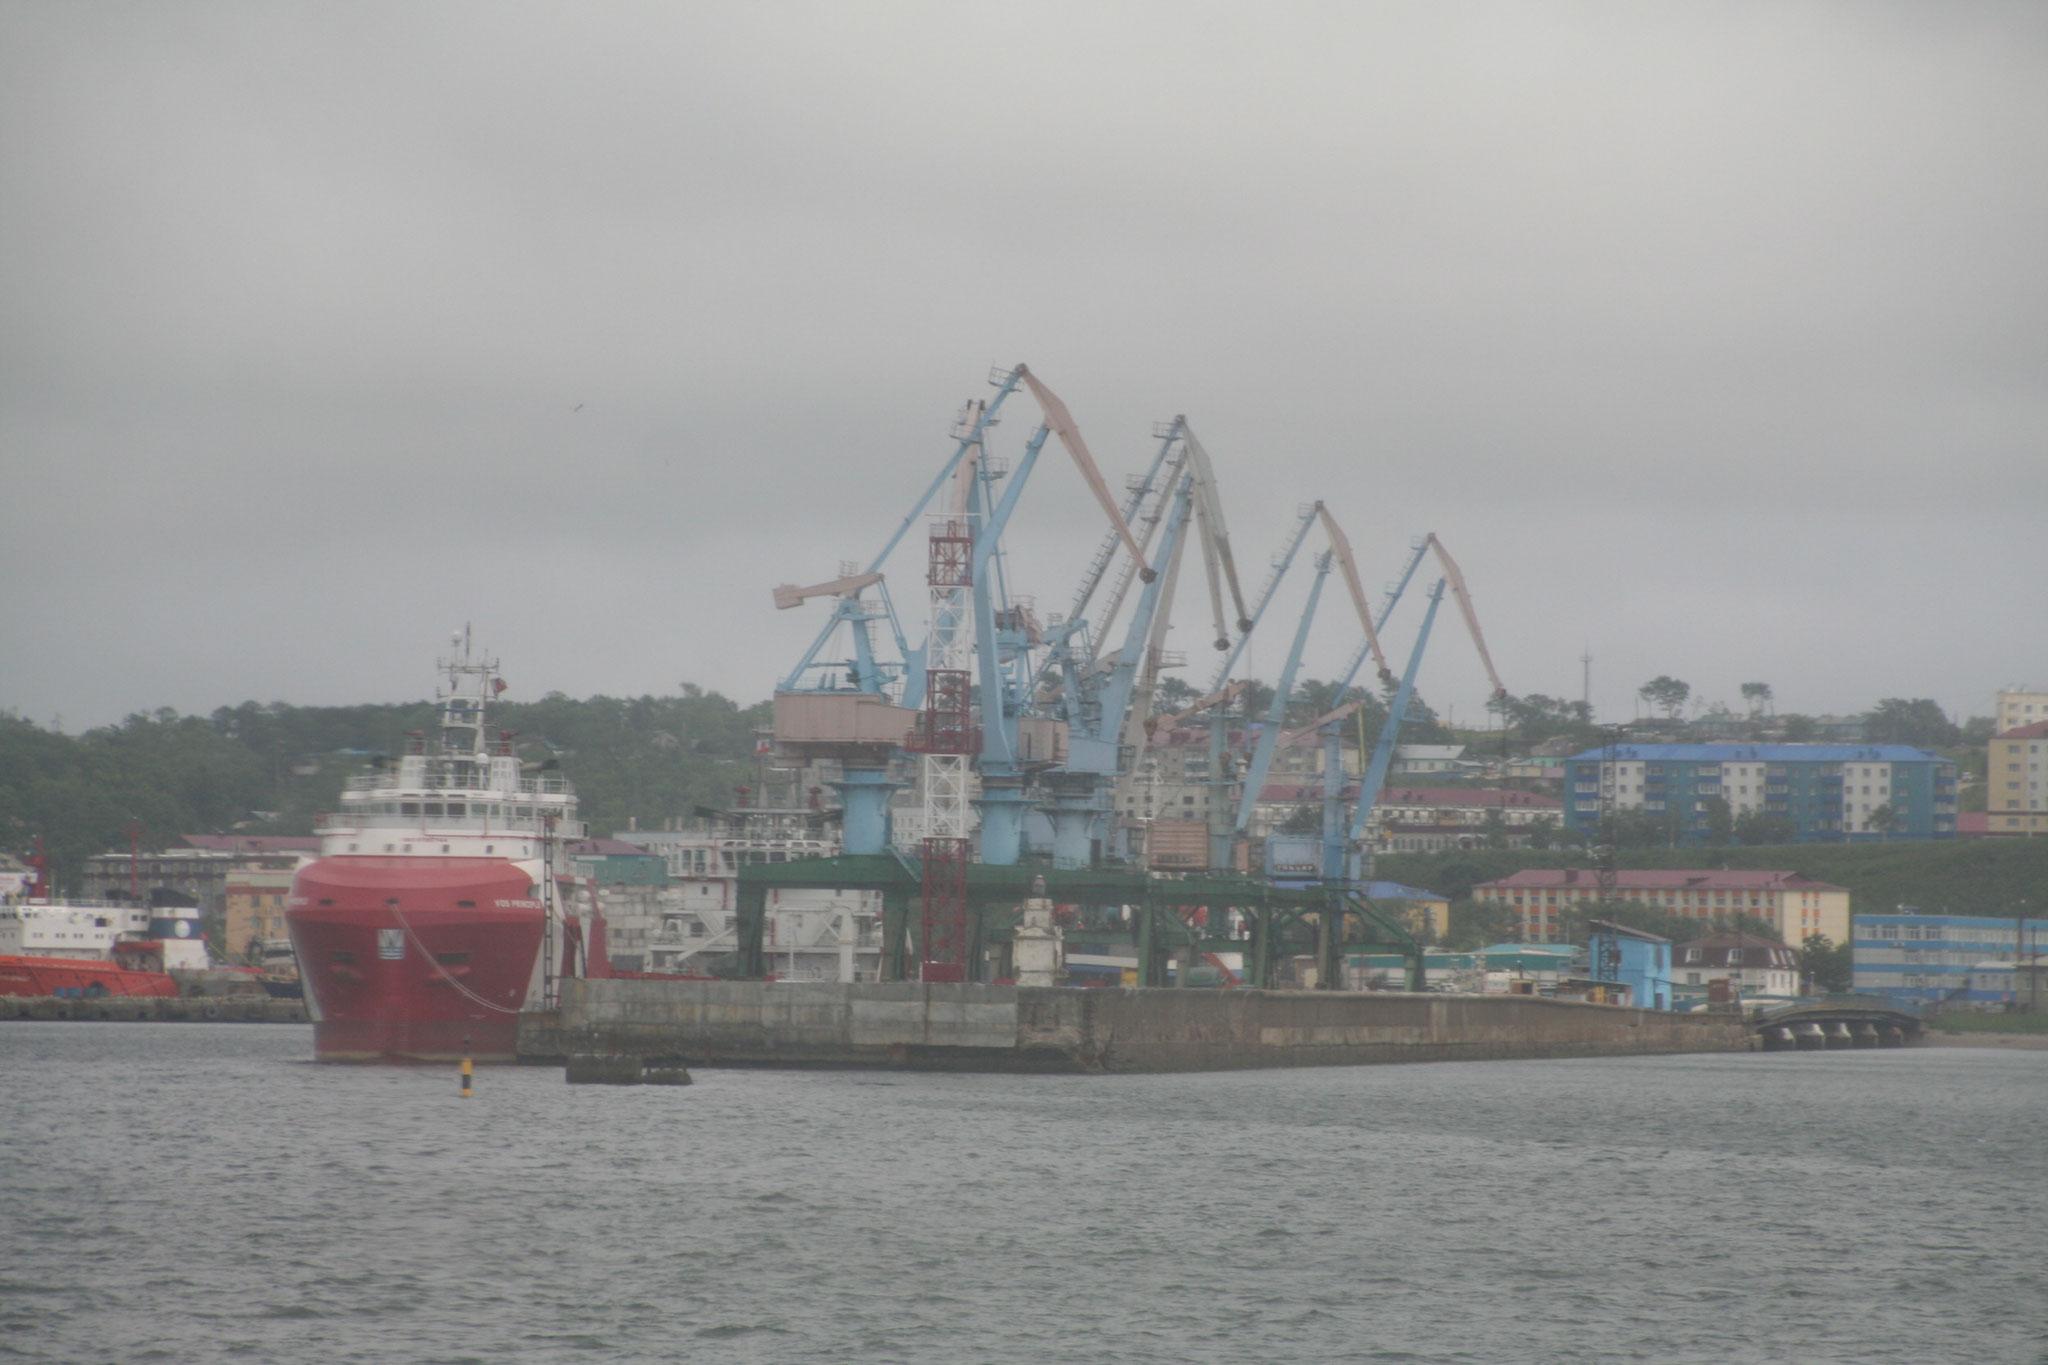 国際港 コルサコフ。